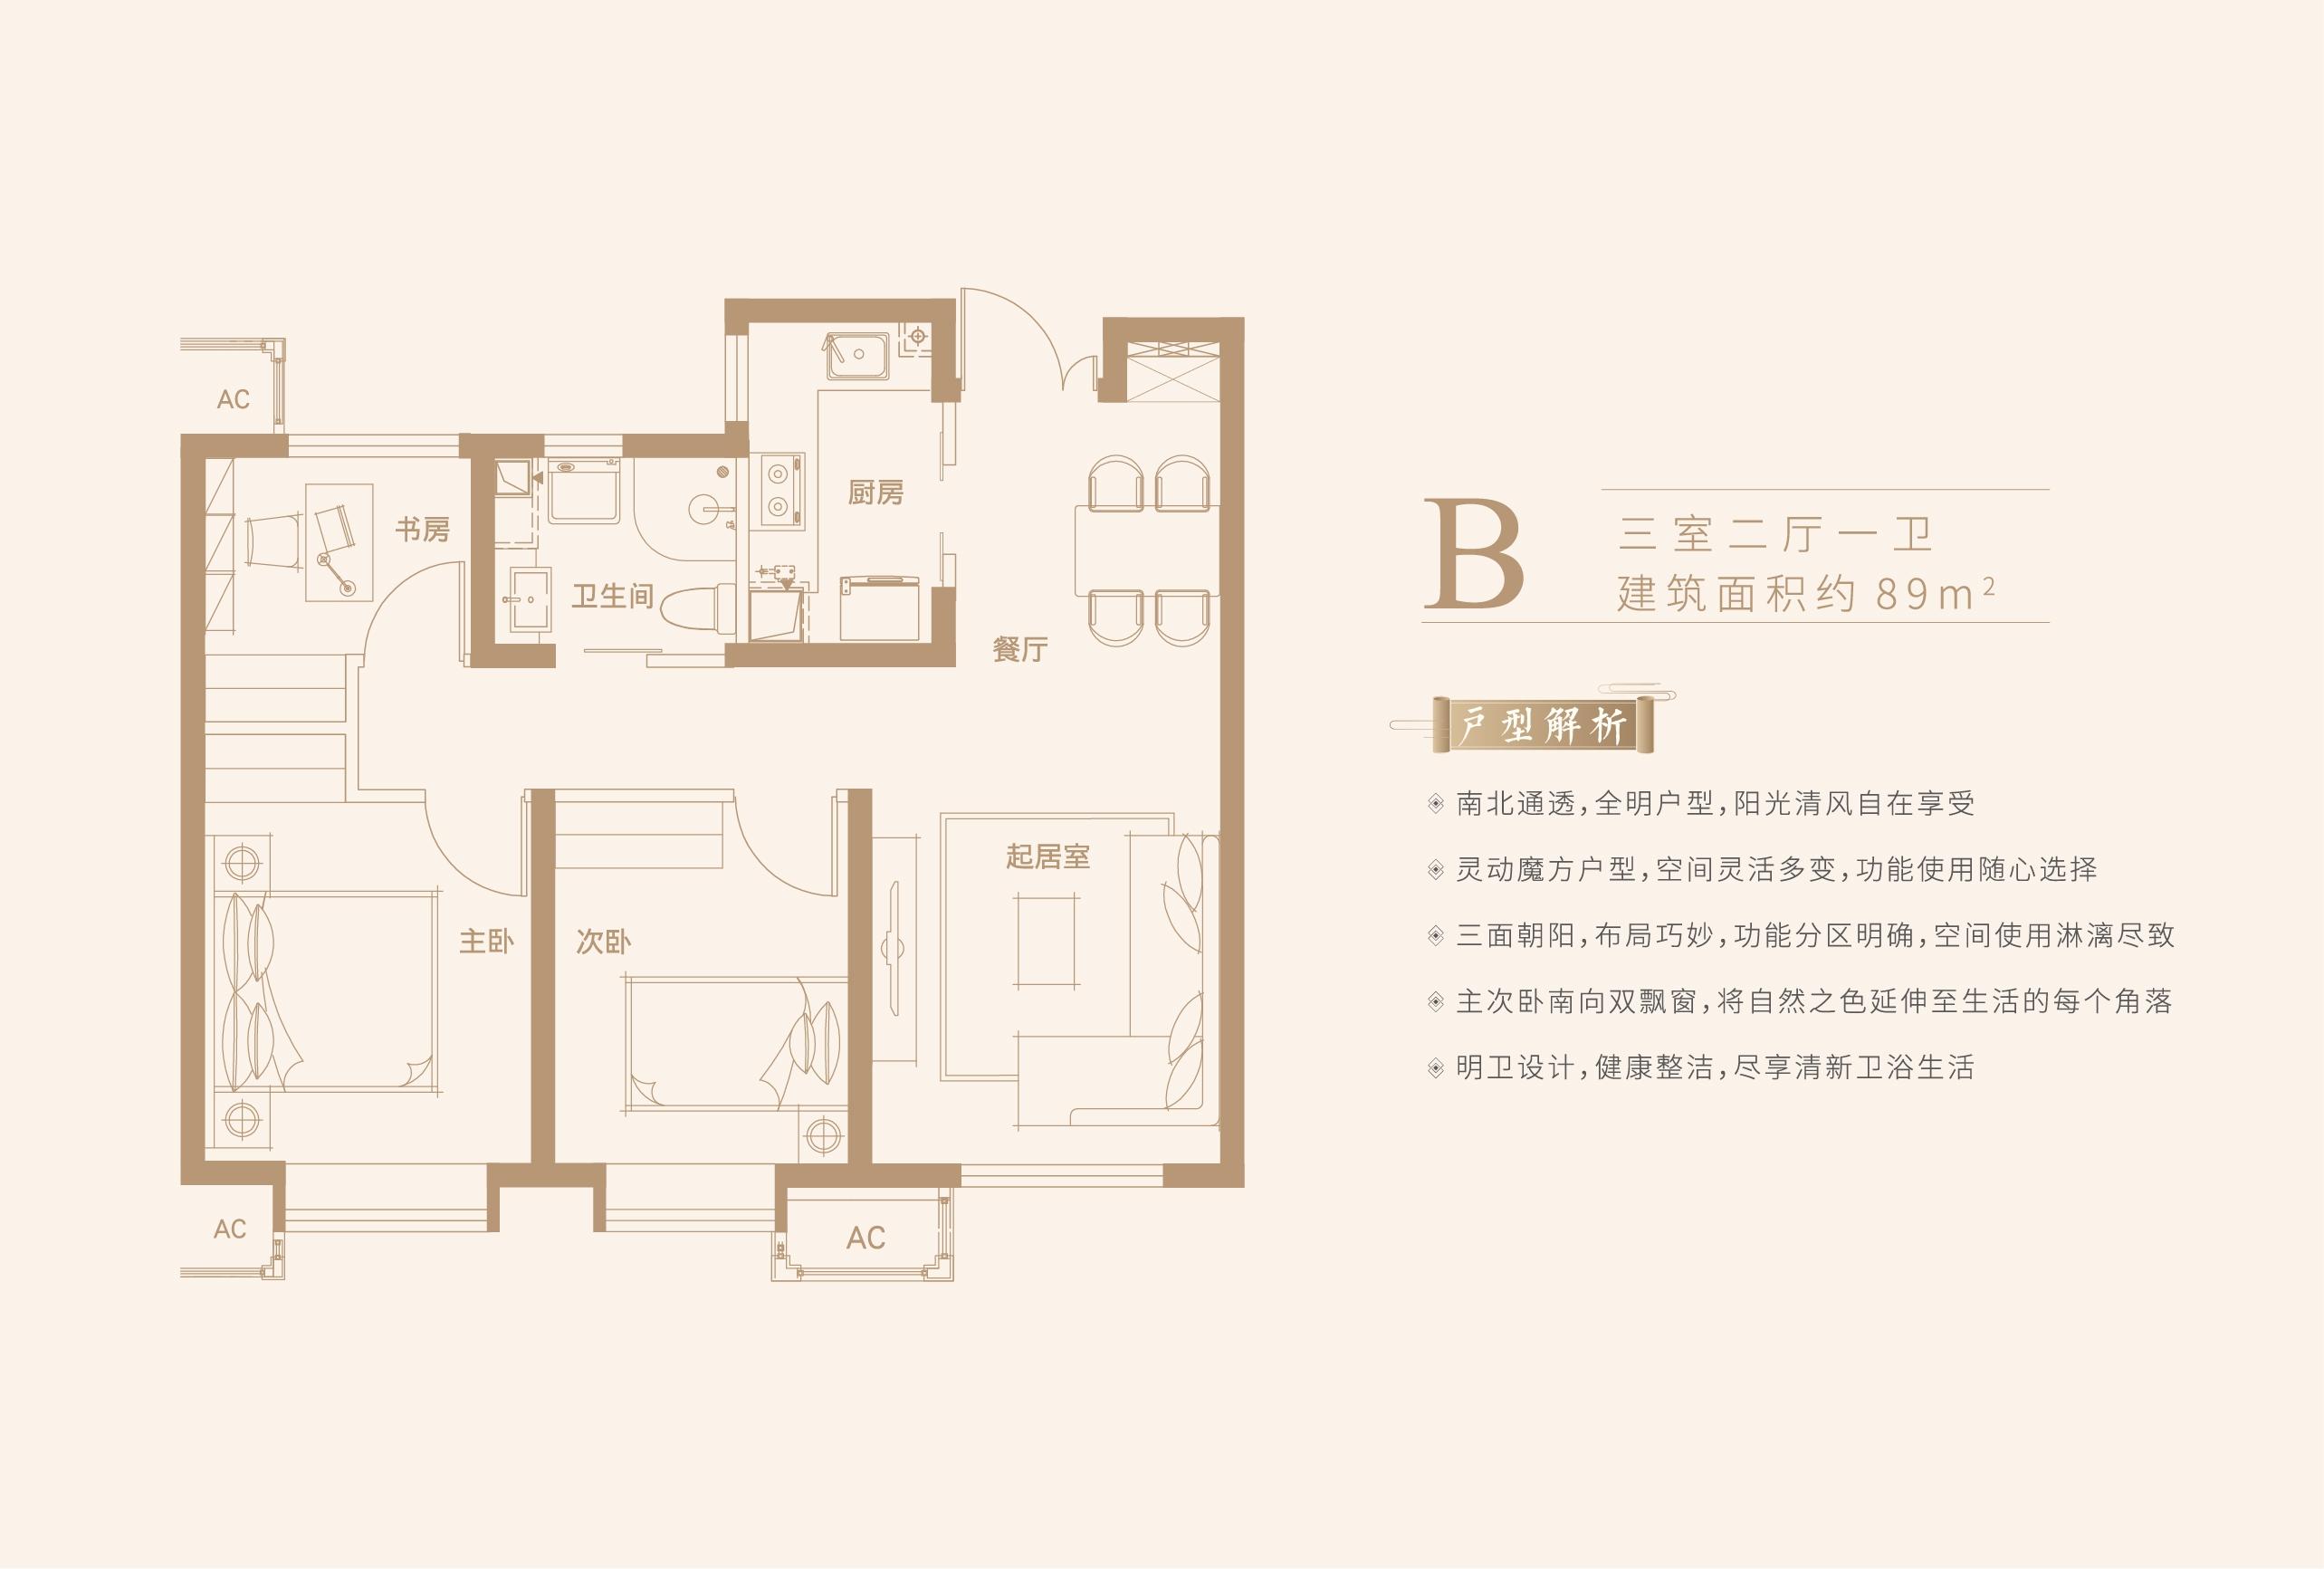 B户型 3室2厅1卫 89㎡